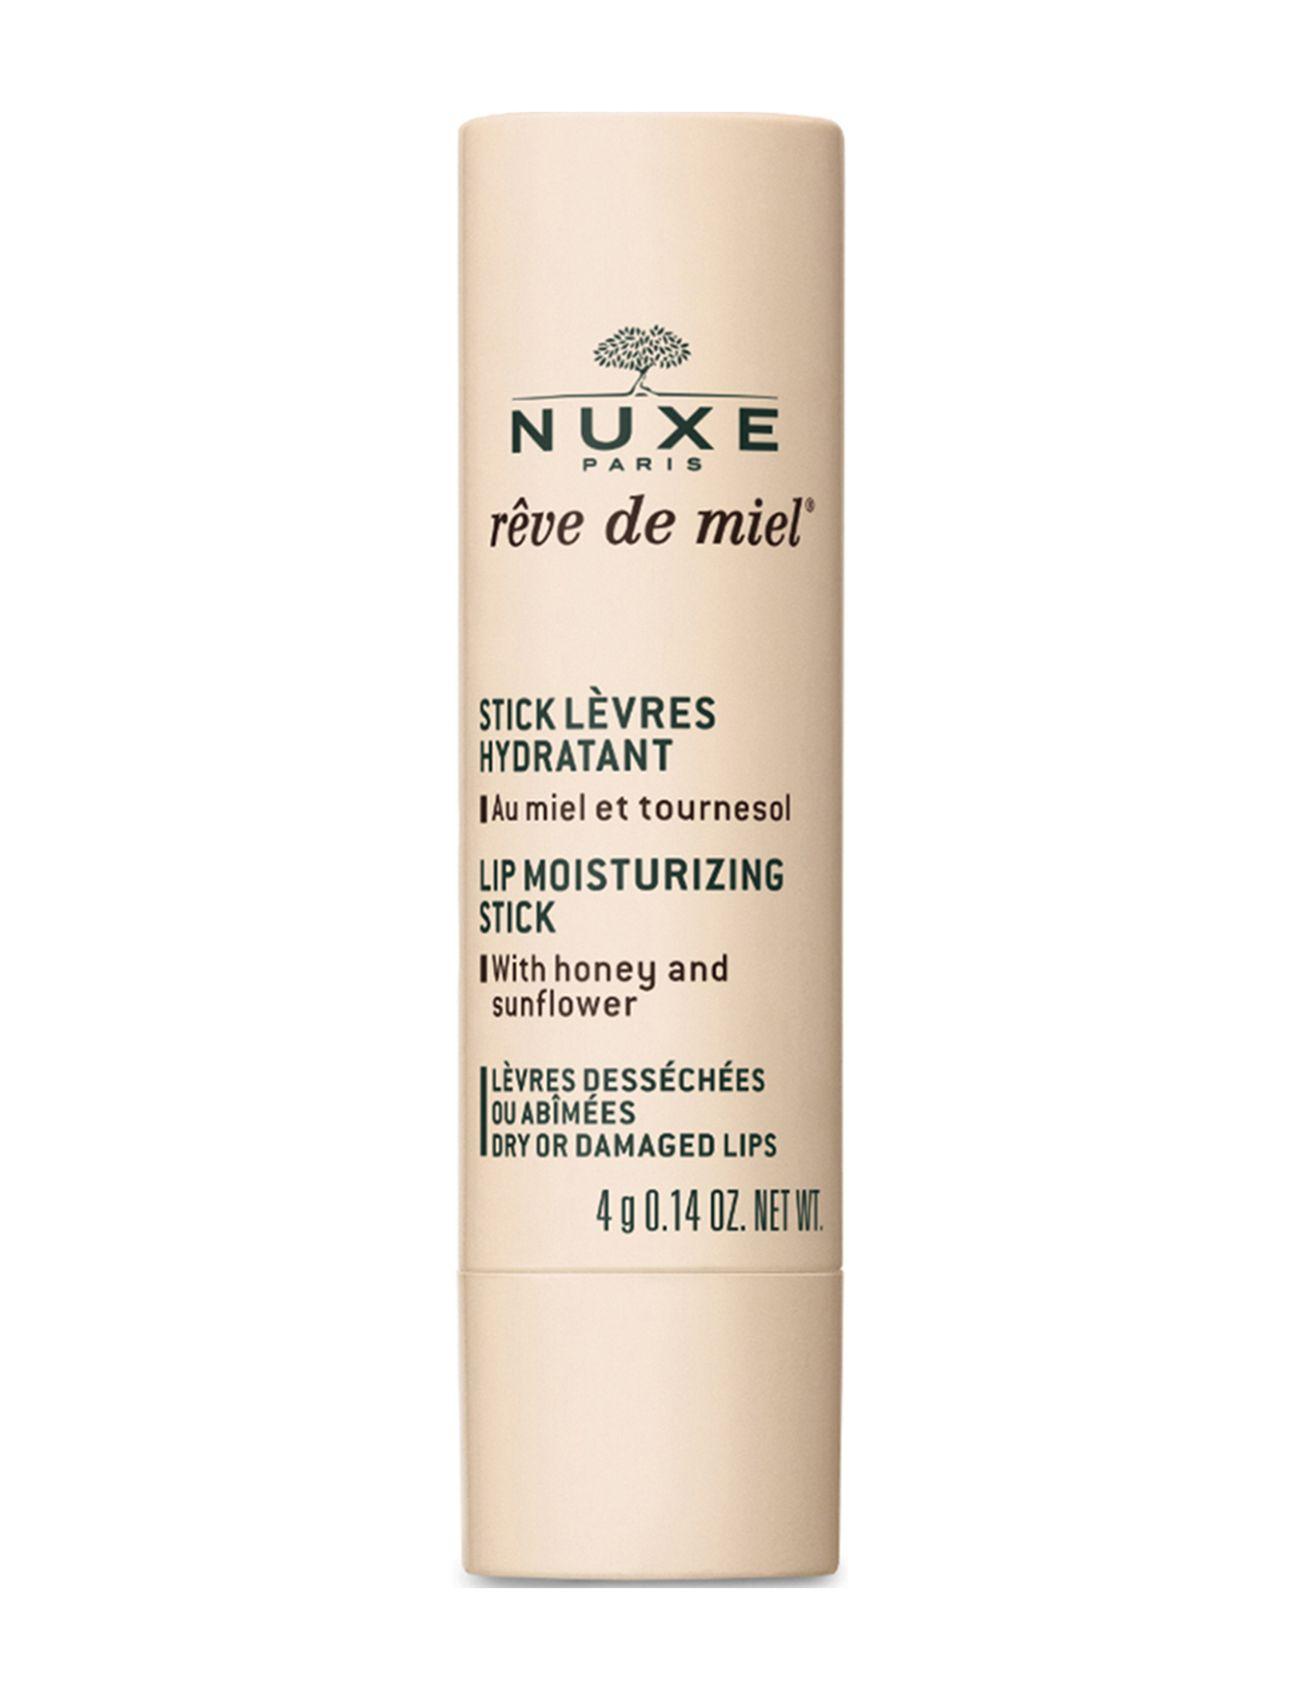 Lip moisturising stick rãªve de miel fra nuxe fra boozt.com dk